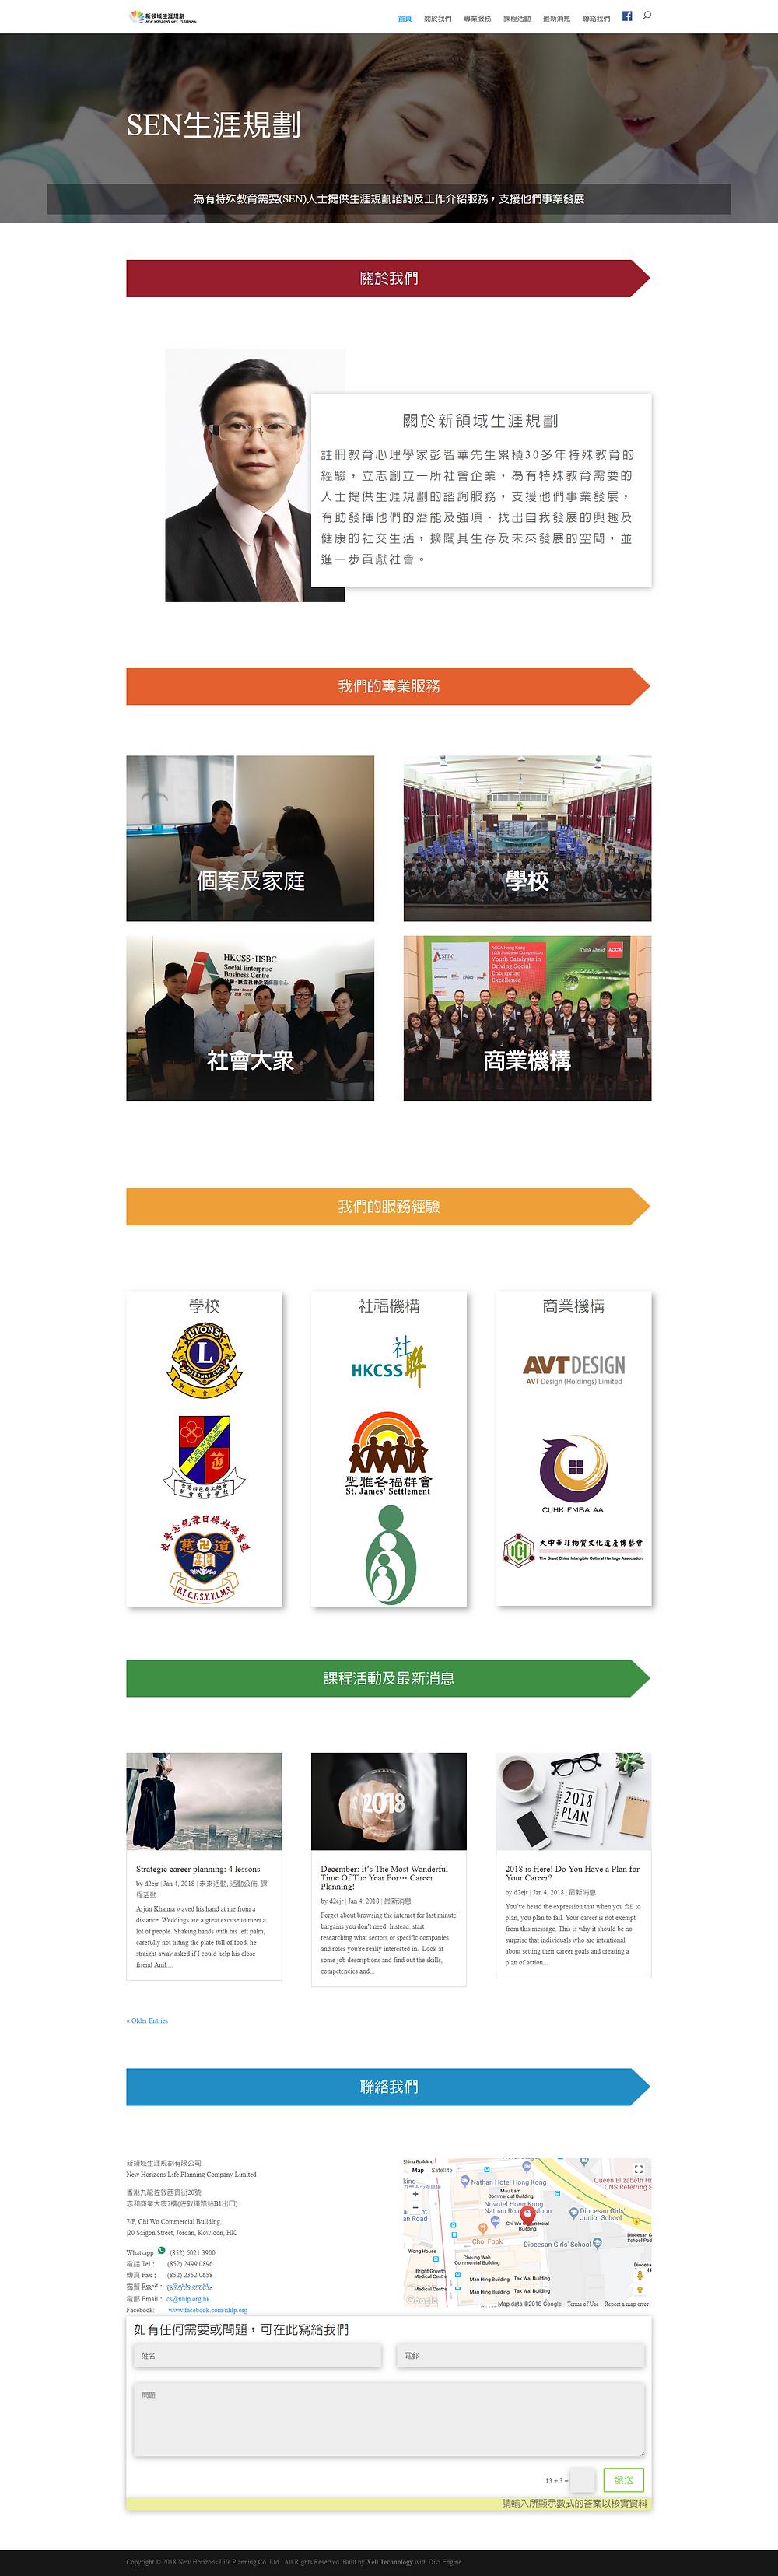 新領域生涯規劃, 社企網站, 社企支援, 社企天使